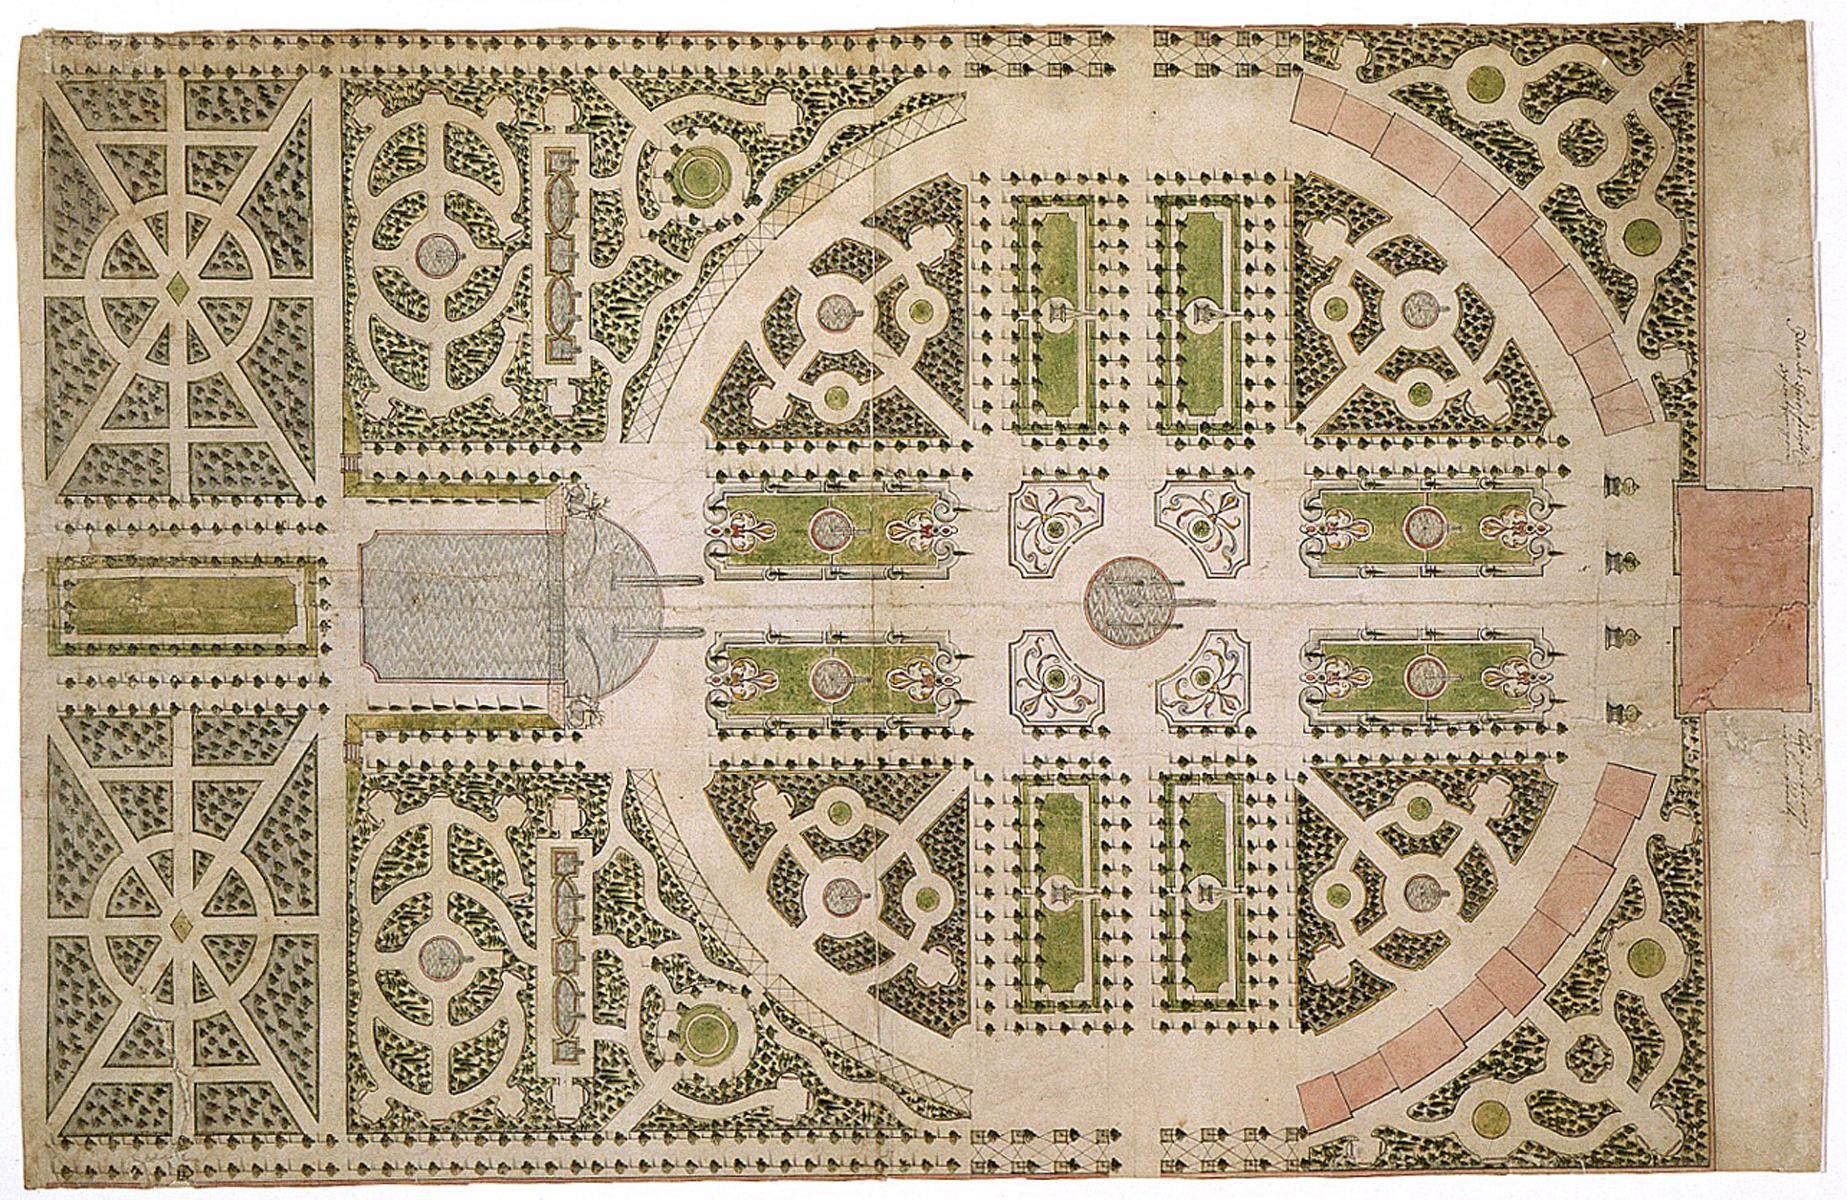 Historische Ansicht des Gartenplans; Foto: Staatliche Schlösser und Gärten Baden-Württemberg, Arnim Weischer